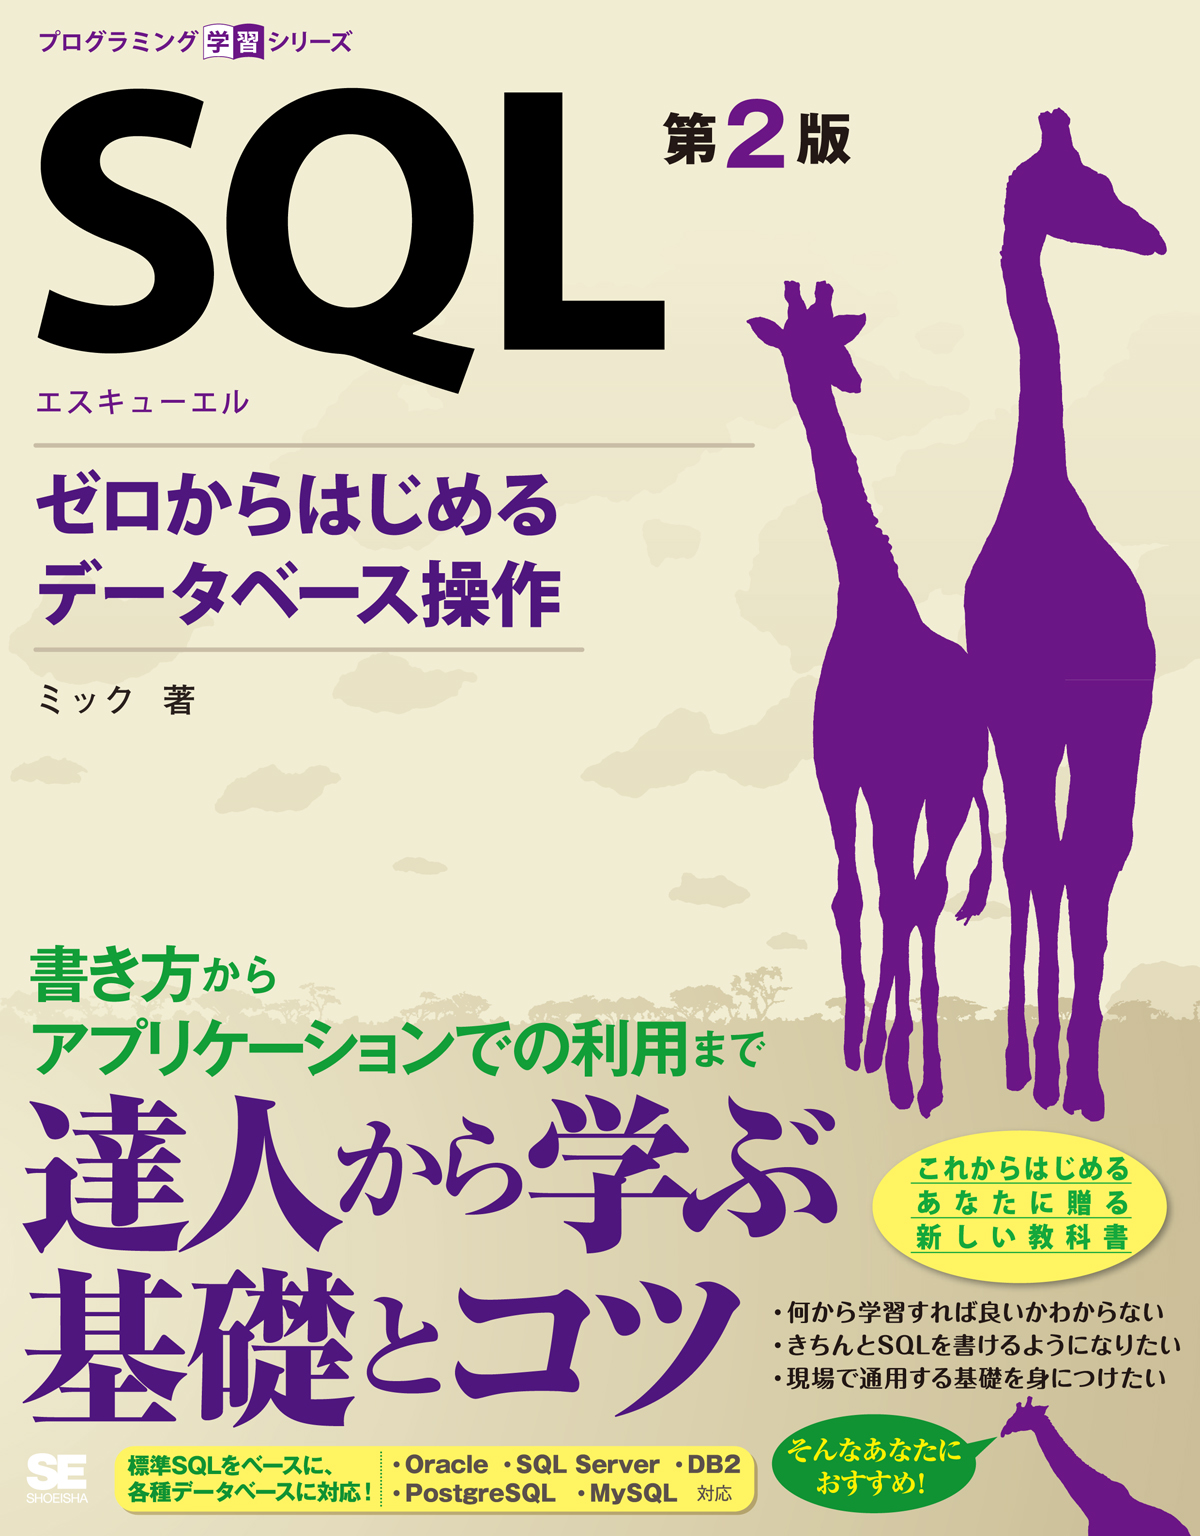 sql 第2版 ゼロからはじめるデータベース操作 ミック 翔泳社の本